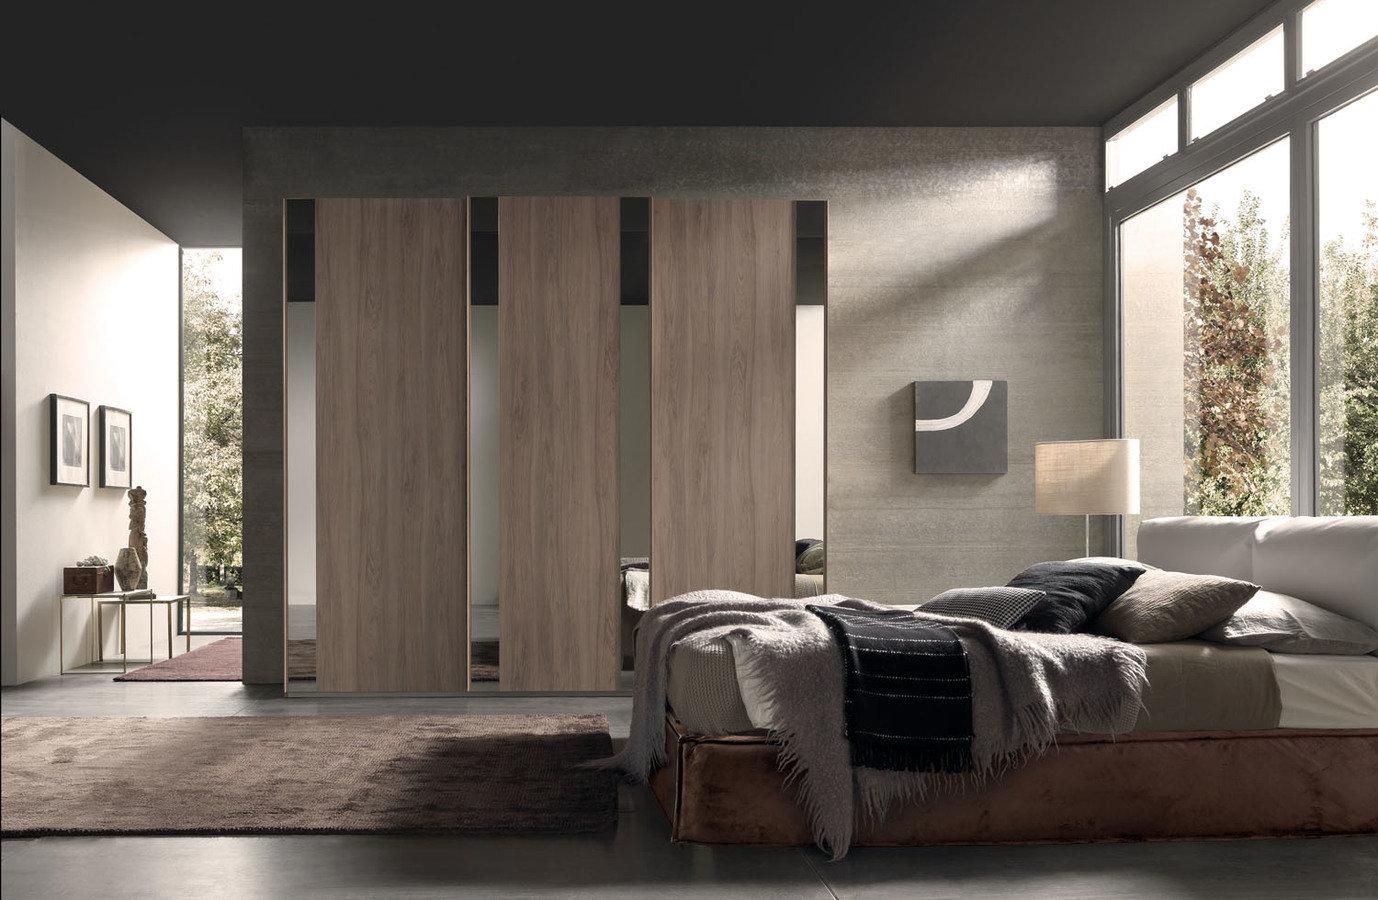 Tappeti semeraro corridoio, sala o camera da letto. Semeraro Catalogo 2016 Camere